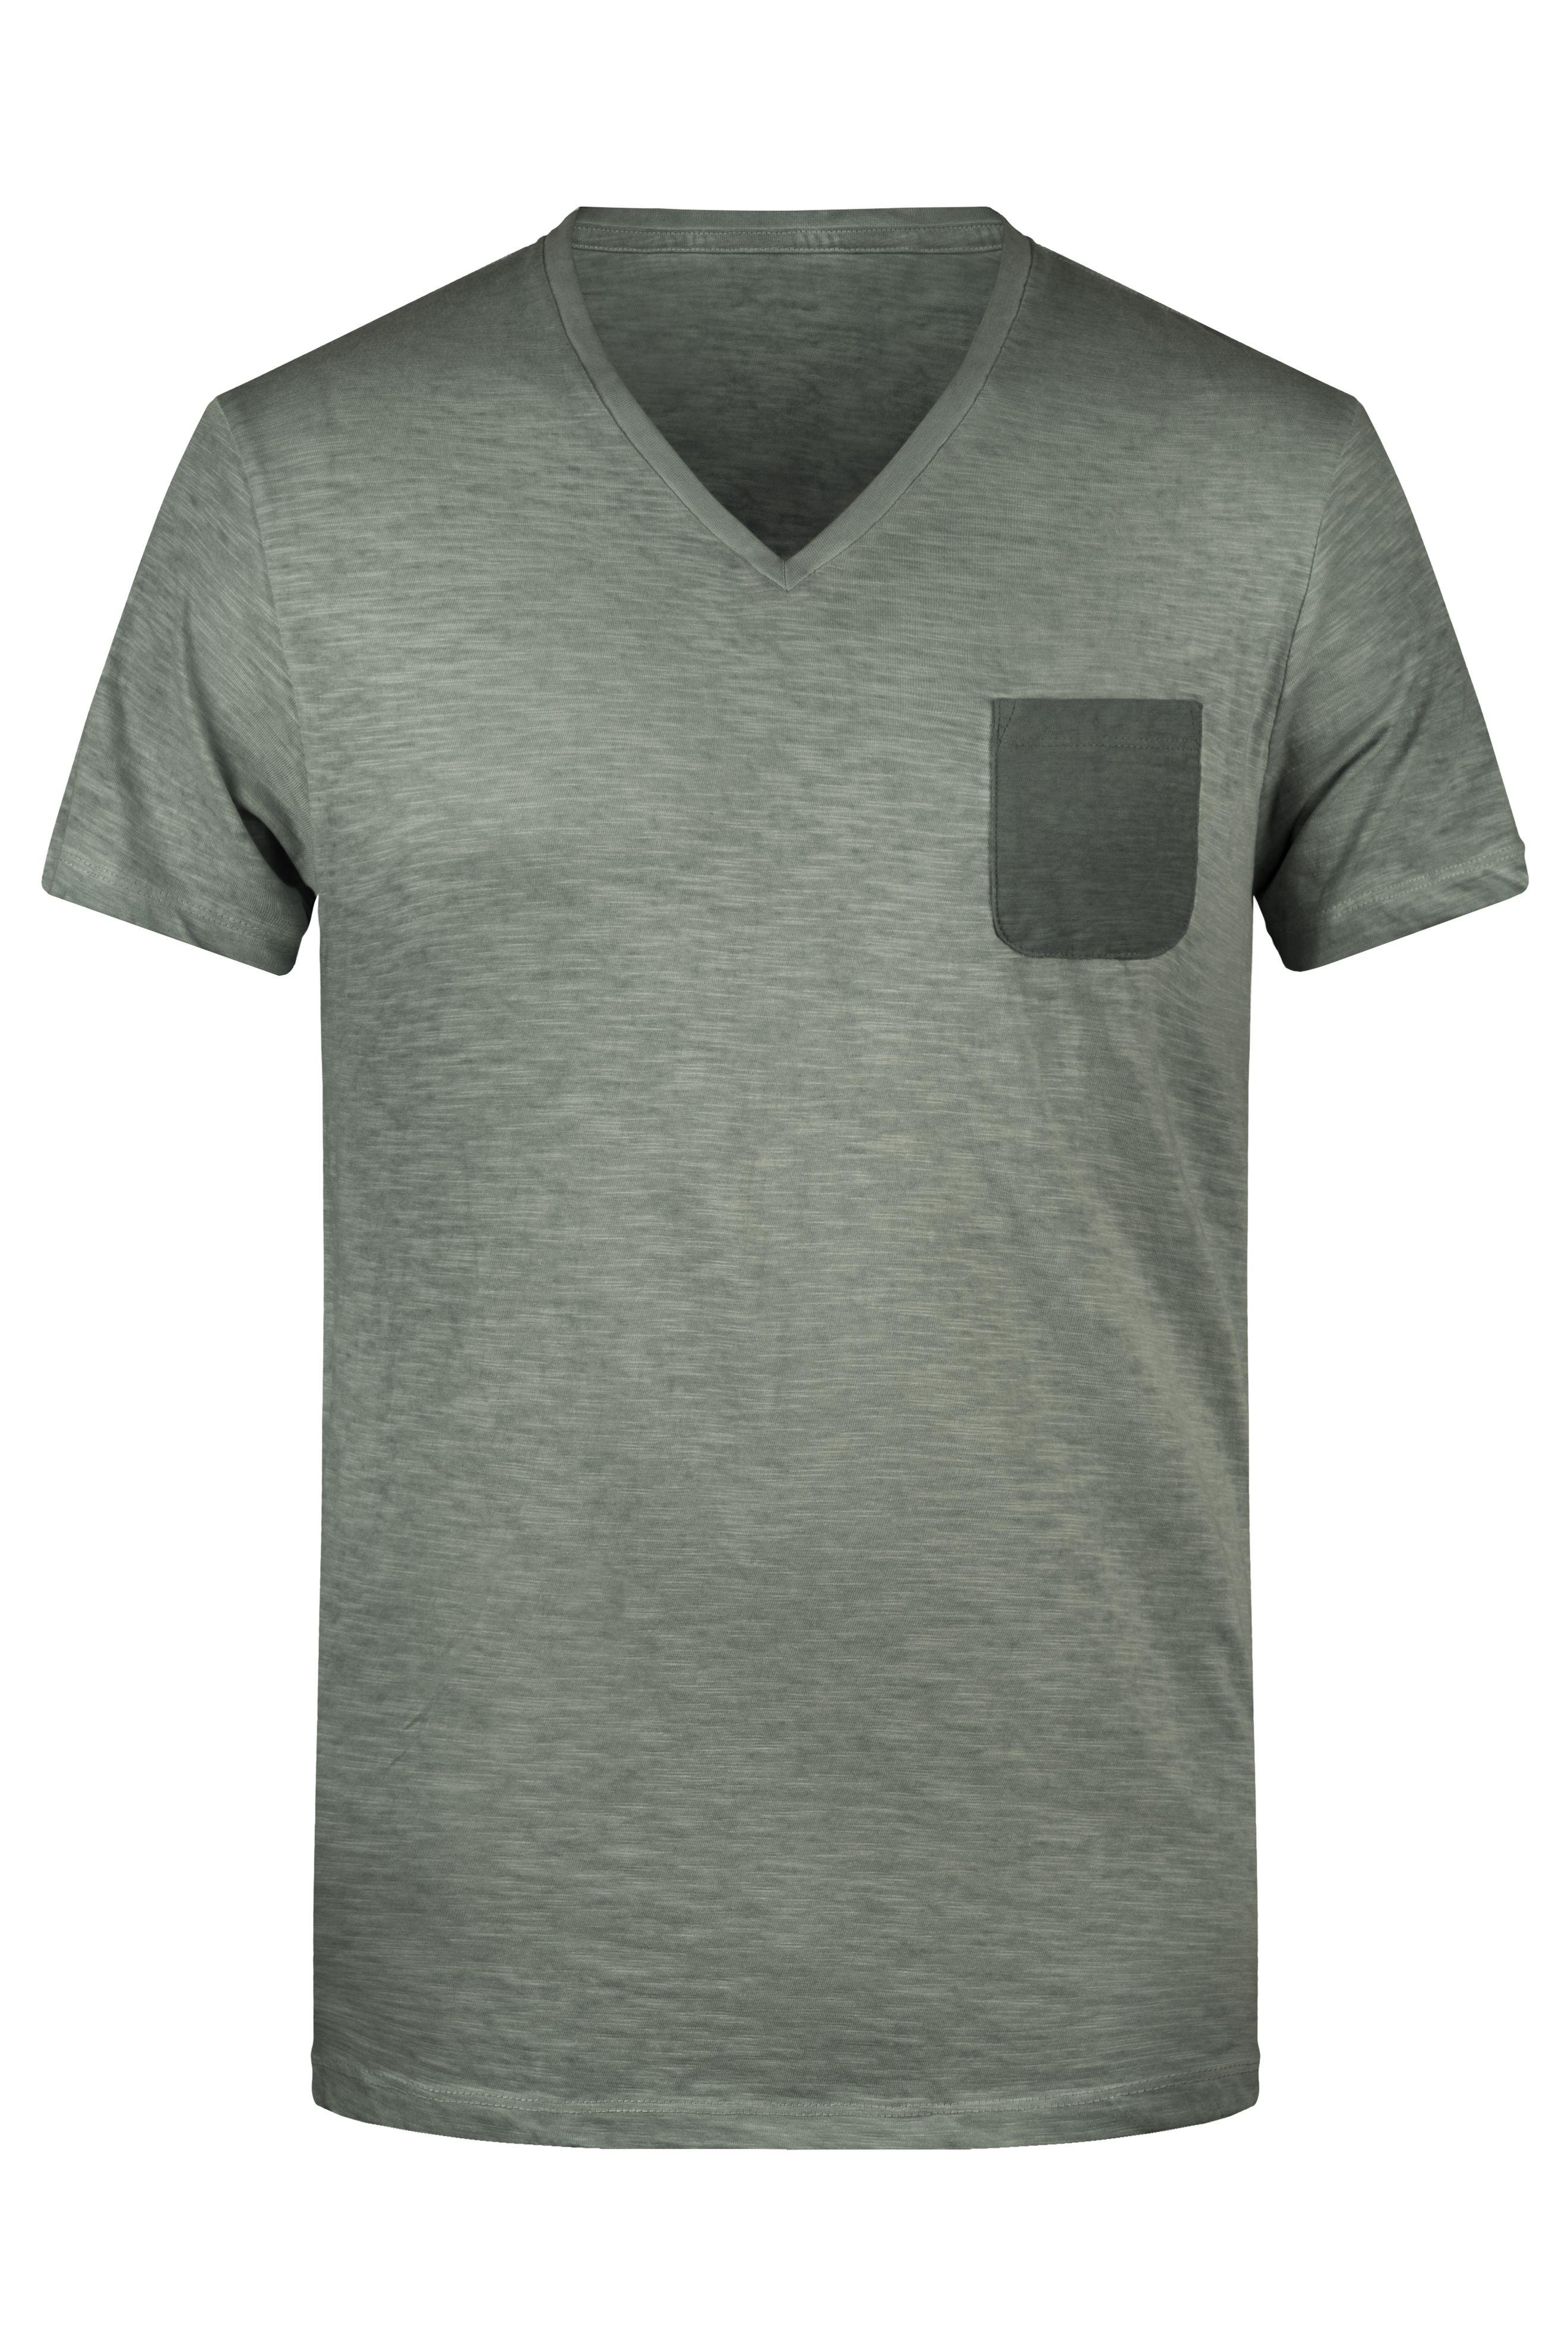 Herren T-Shirt im Vintage-Look